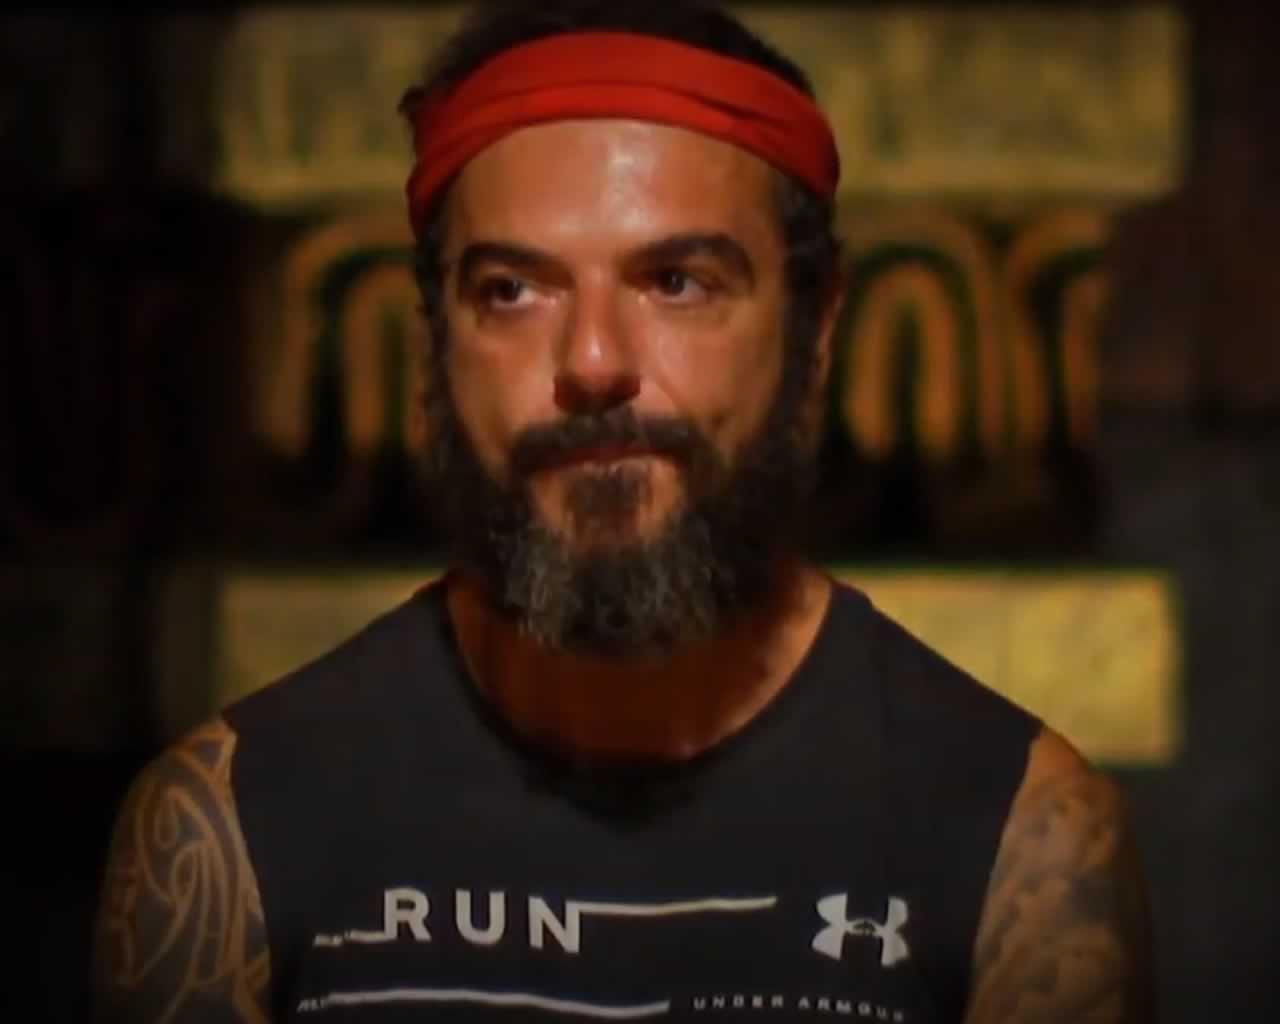 Survivor spoiler: Αυτός ο παίκτης αποχωρεί σήμερα σύμφωνα με την διαρροή (video)